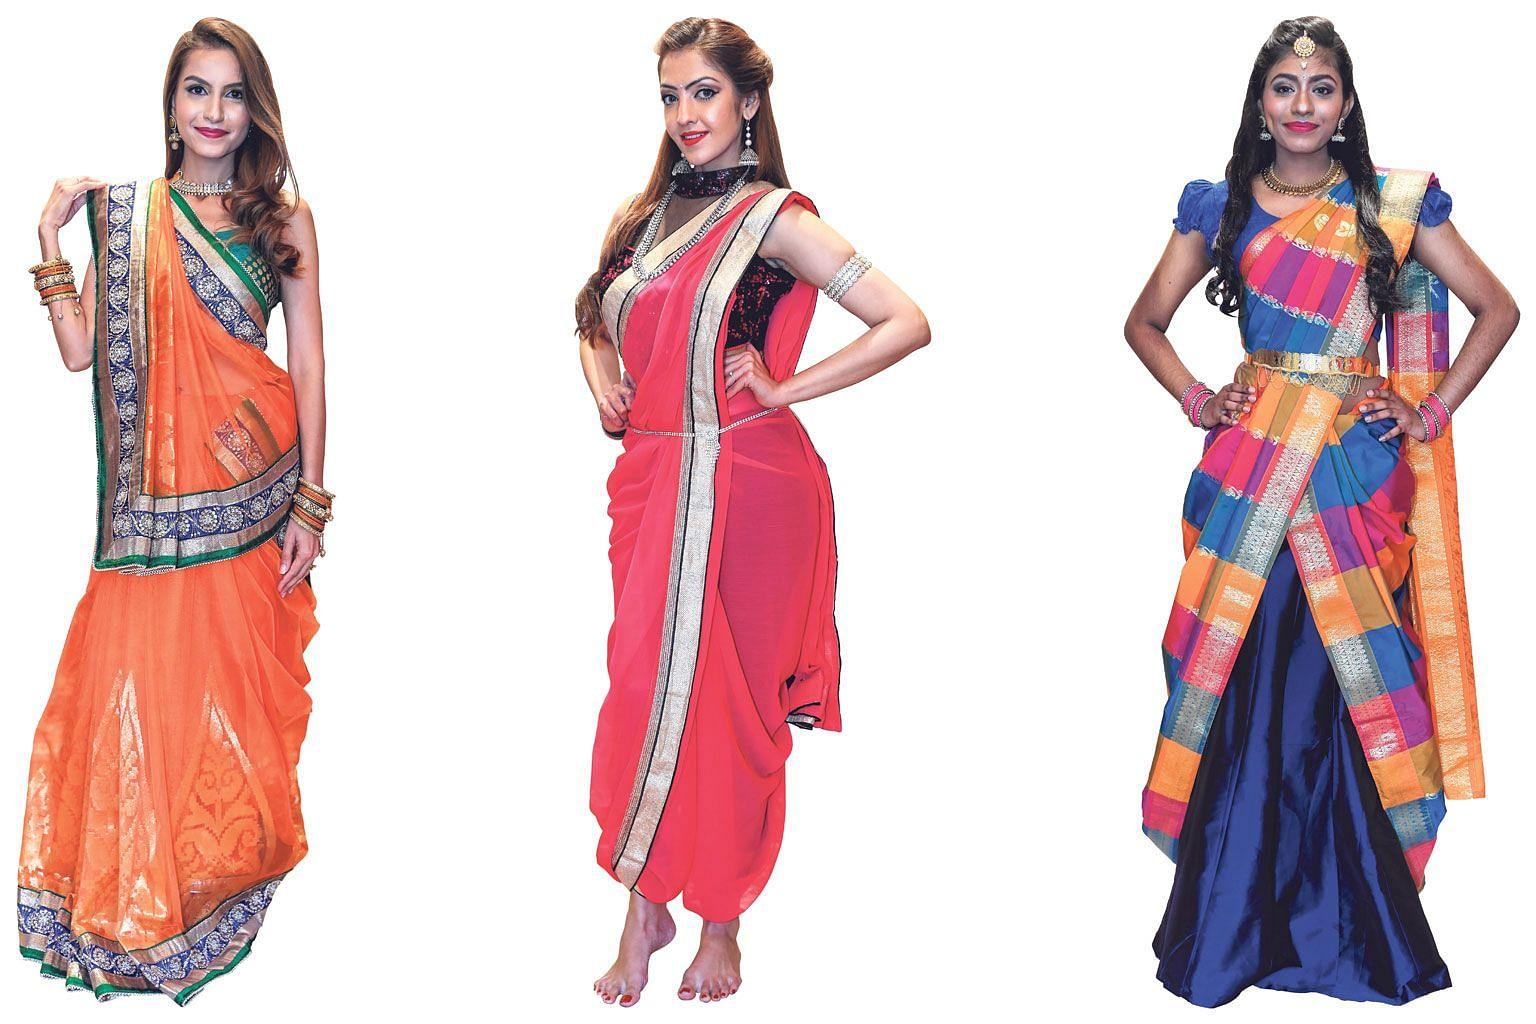 Ms Jasmi Kishore Ghariwala, 32, wearing an organza sari in Gujarati style. Ms Smitha Jeet Kaur, 27, wearing a georgette sari in dhoti style. Ms Yamunaa Dharshini, 19, wearing a traditional checkered sari in cancan style.